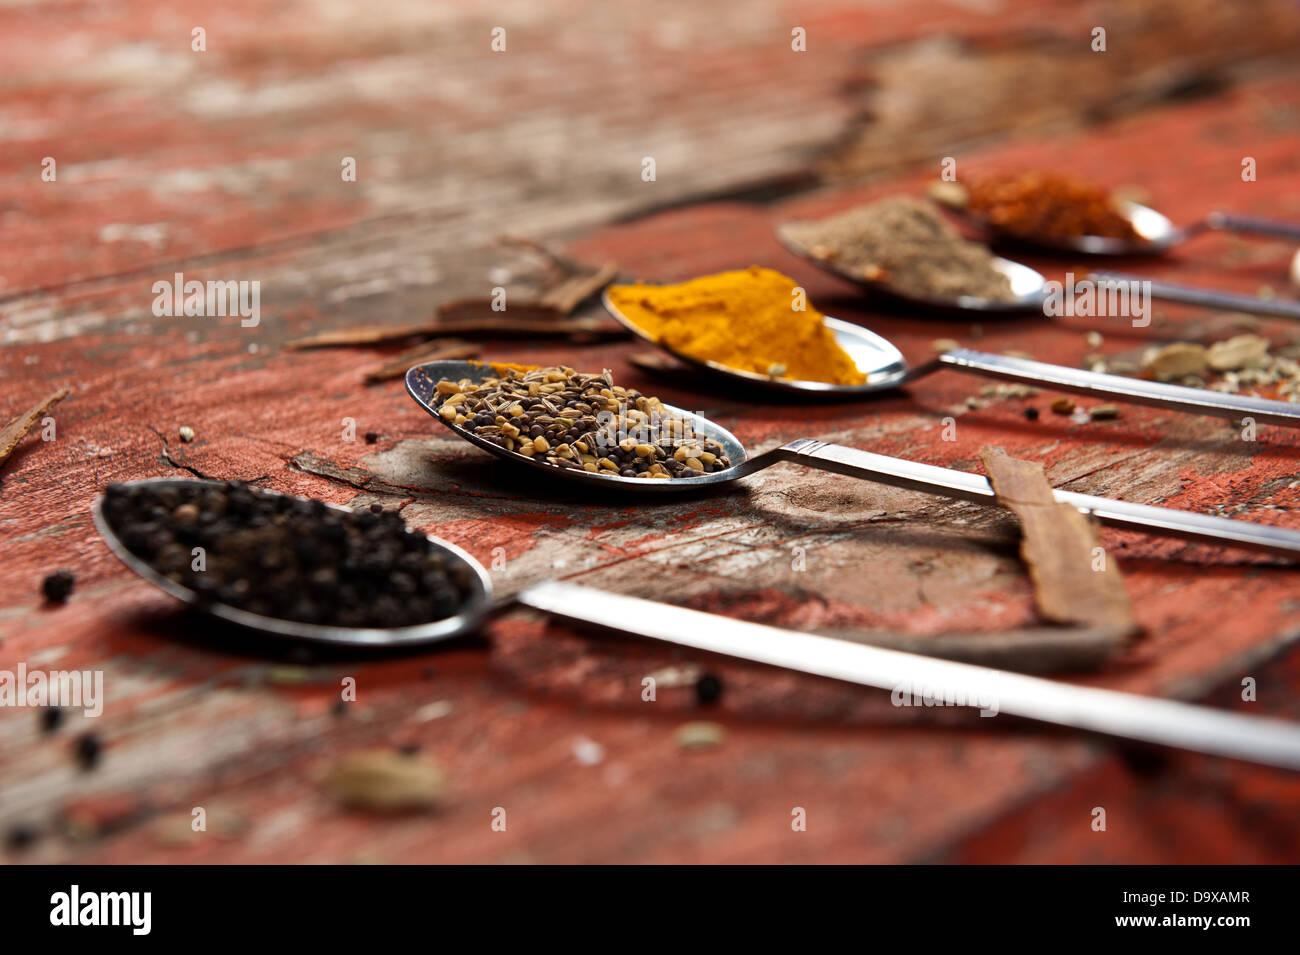 Esslöffel gehäuft mit verschiedenen Gewürzen auf eine orange Strukturierte Holzoberfläche. Künstlerische Stockbild